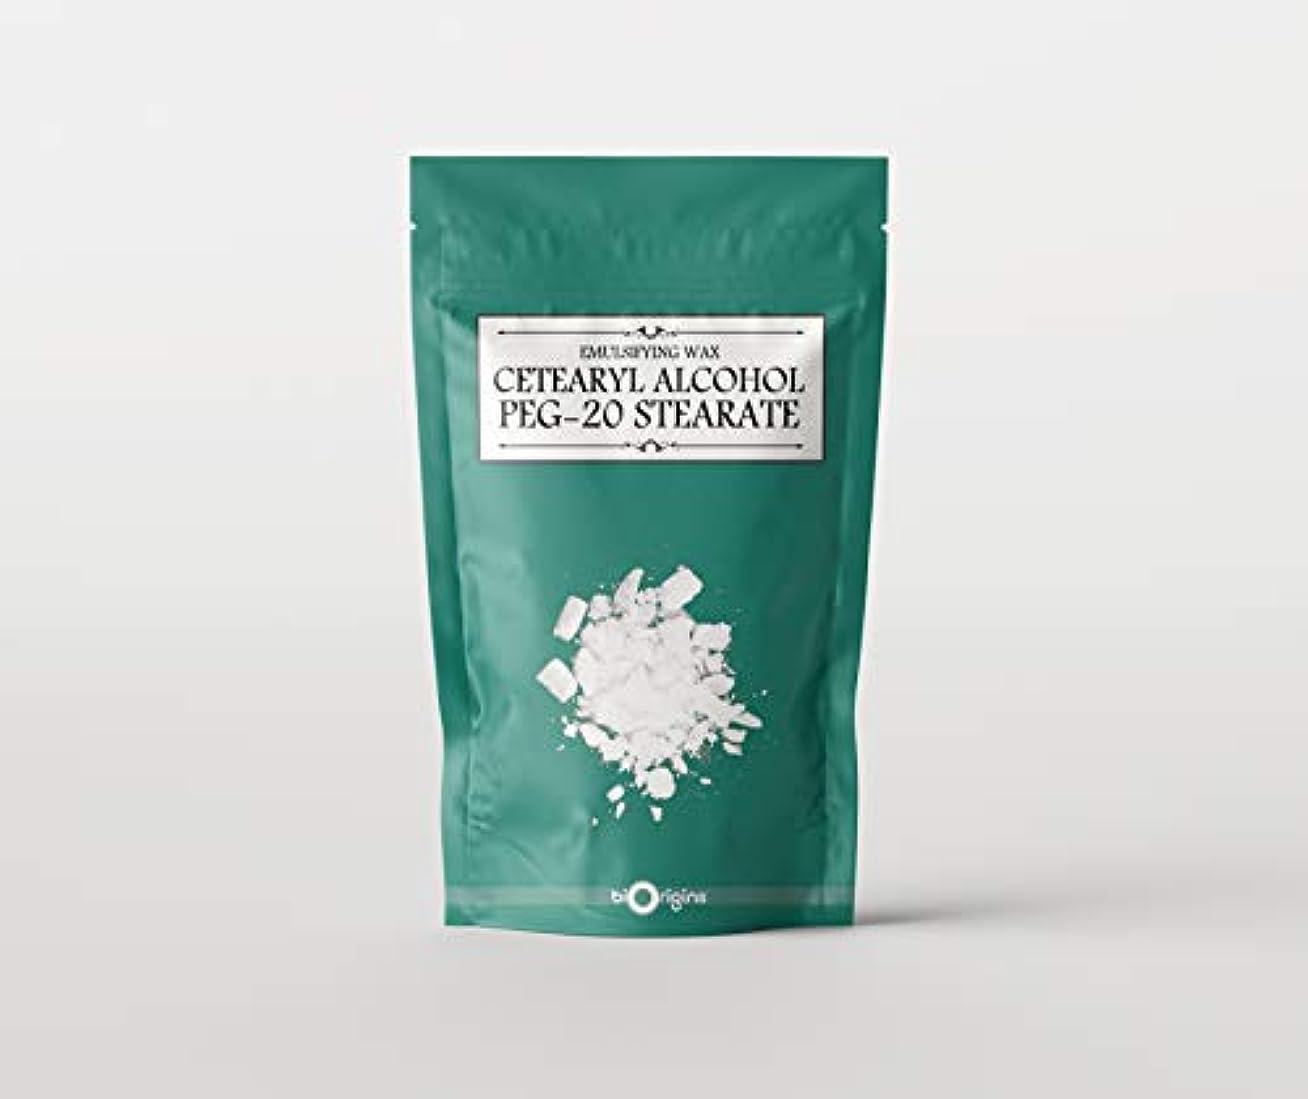 タヒチ栄光余裕があるEmulsifying Wax (Cetearyl Alcohol/PEG-20 Stearate) 500g